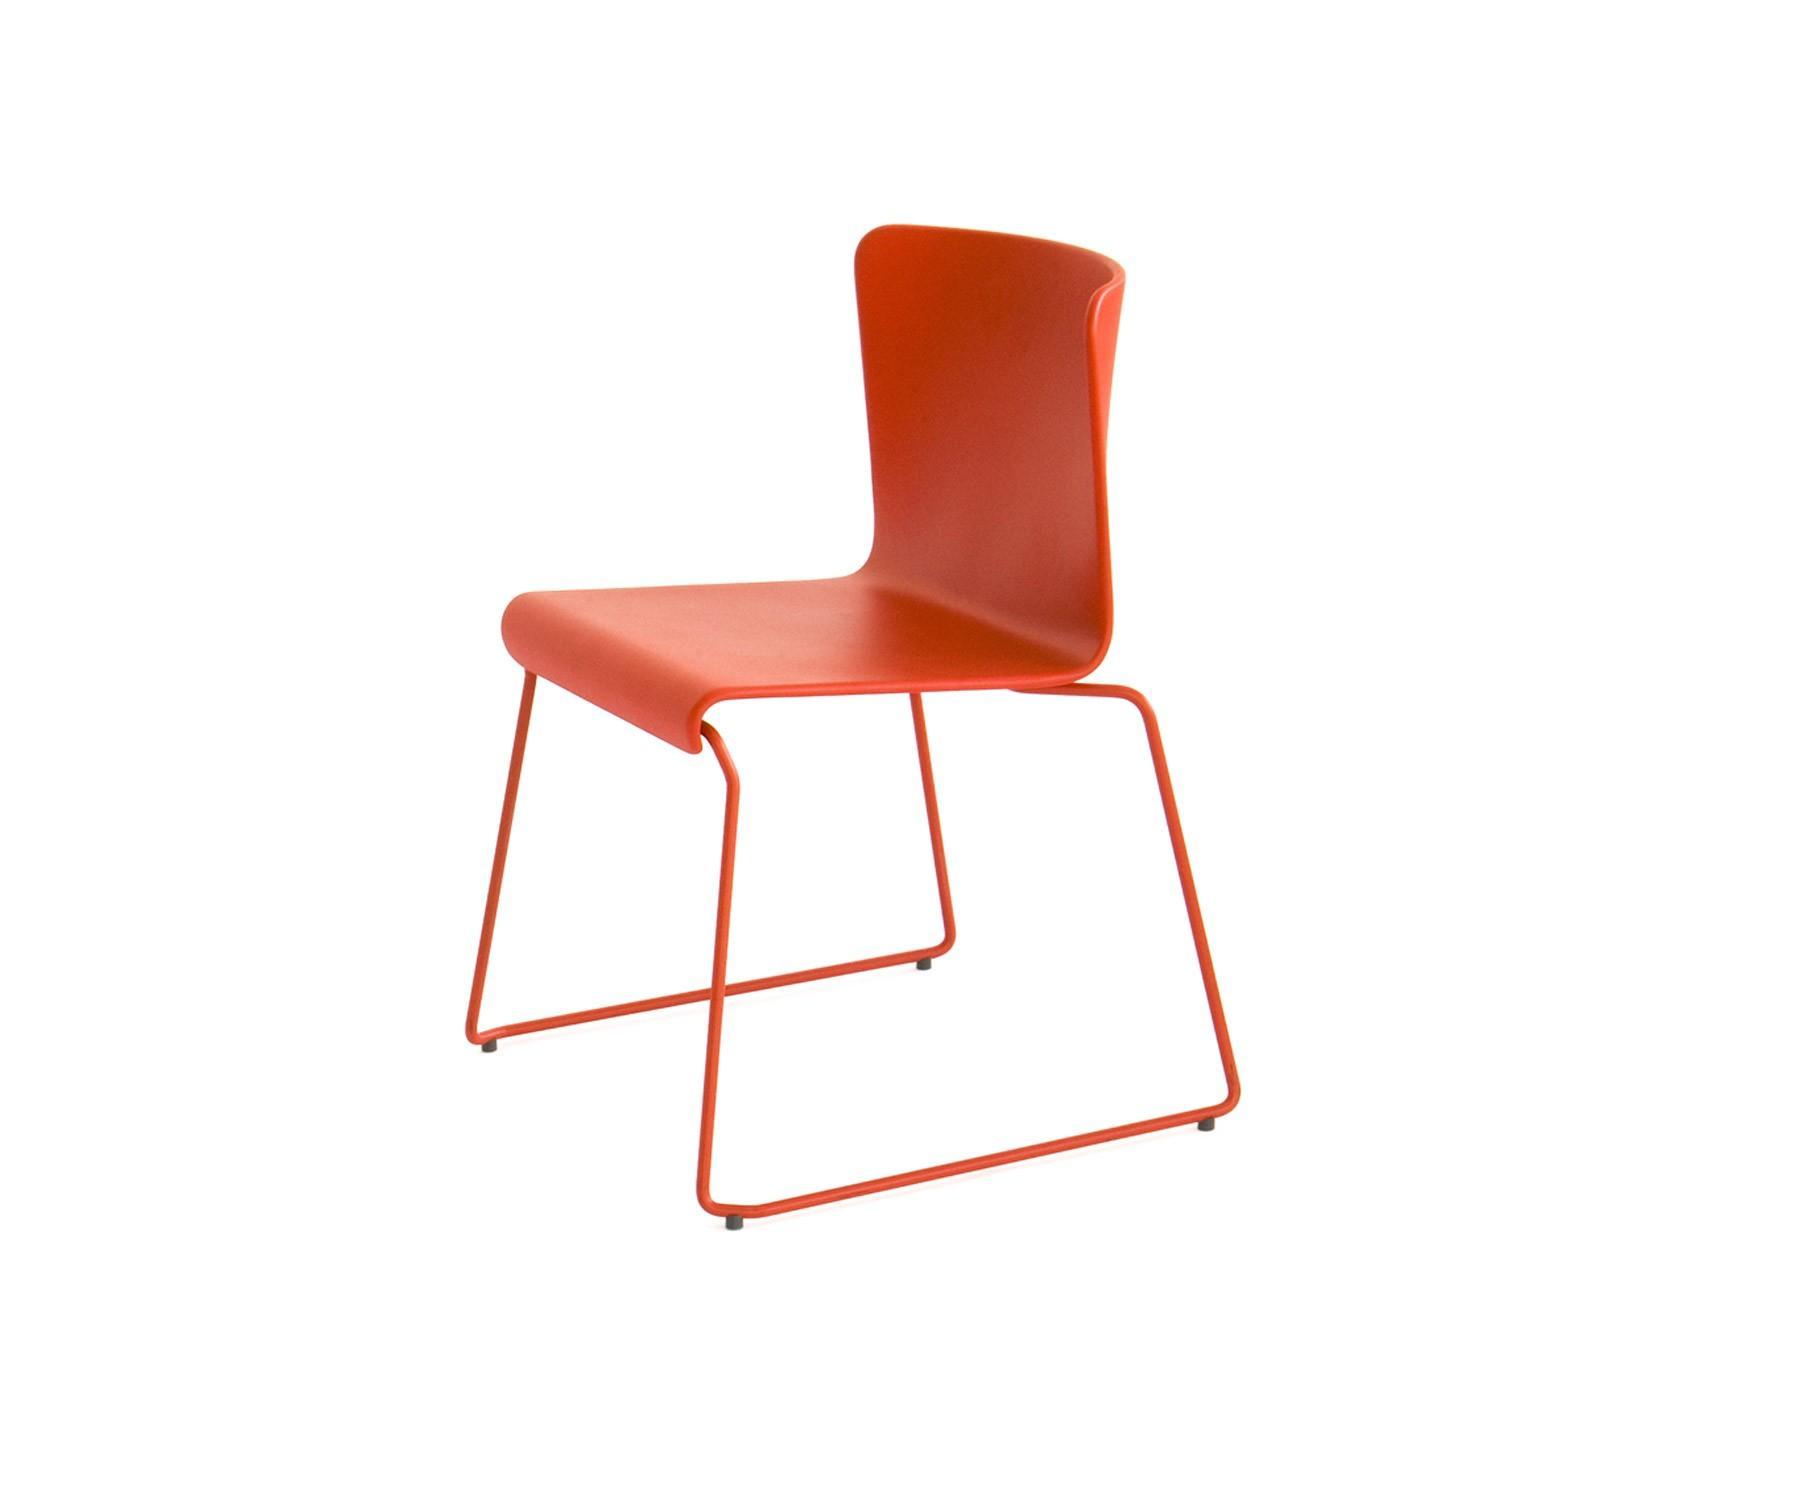 design holzst hle aus italien. Black Bedroom Furniture Sets. Home Design Ideas